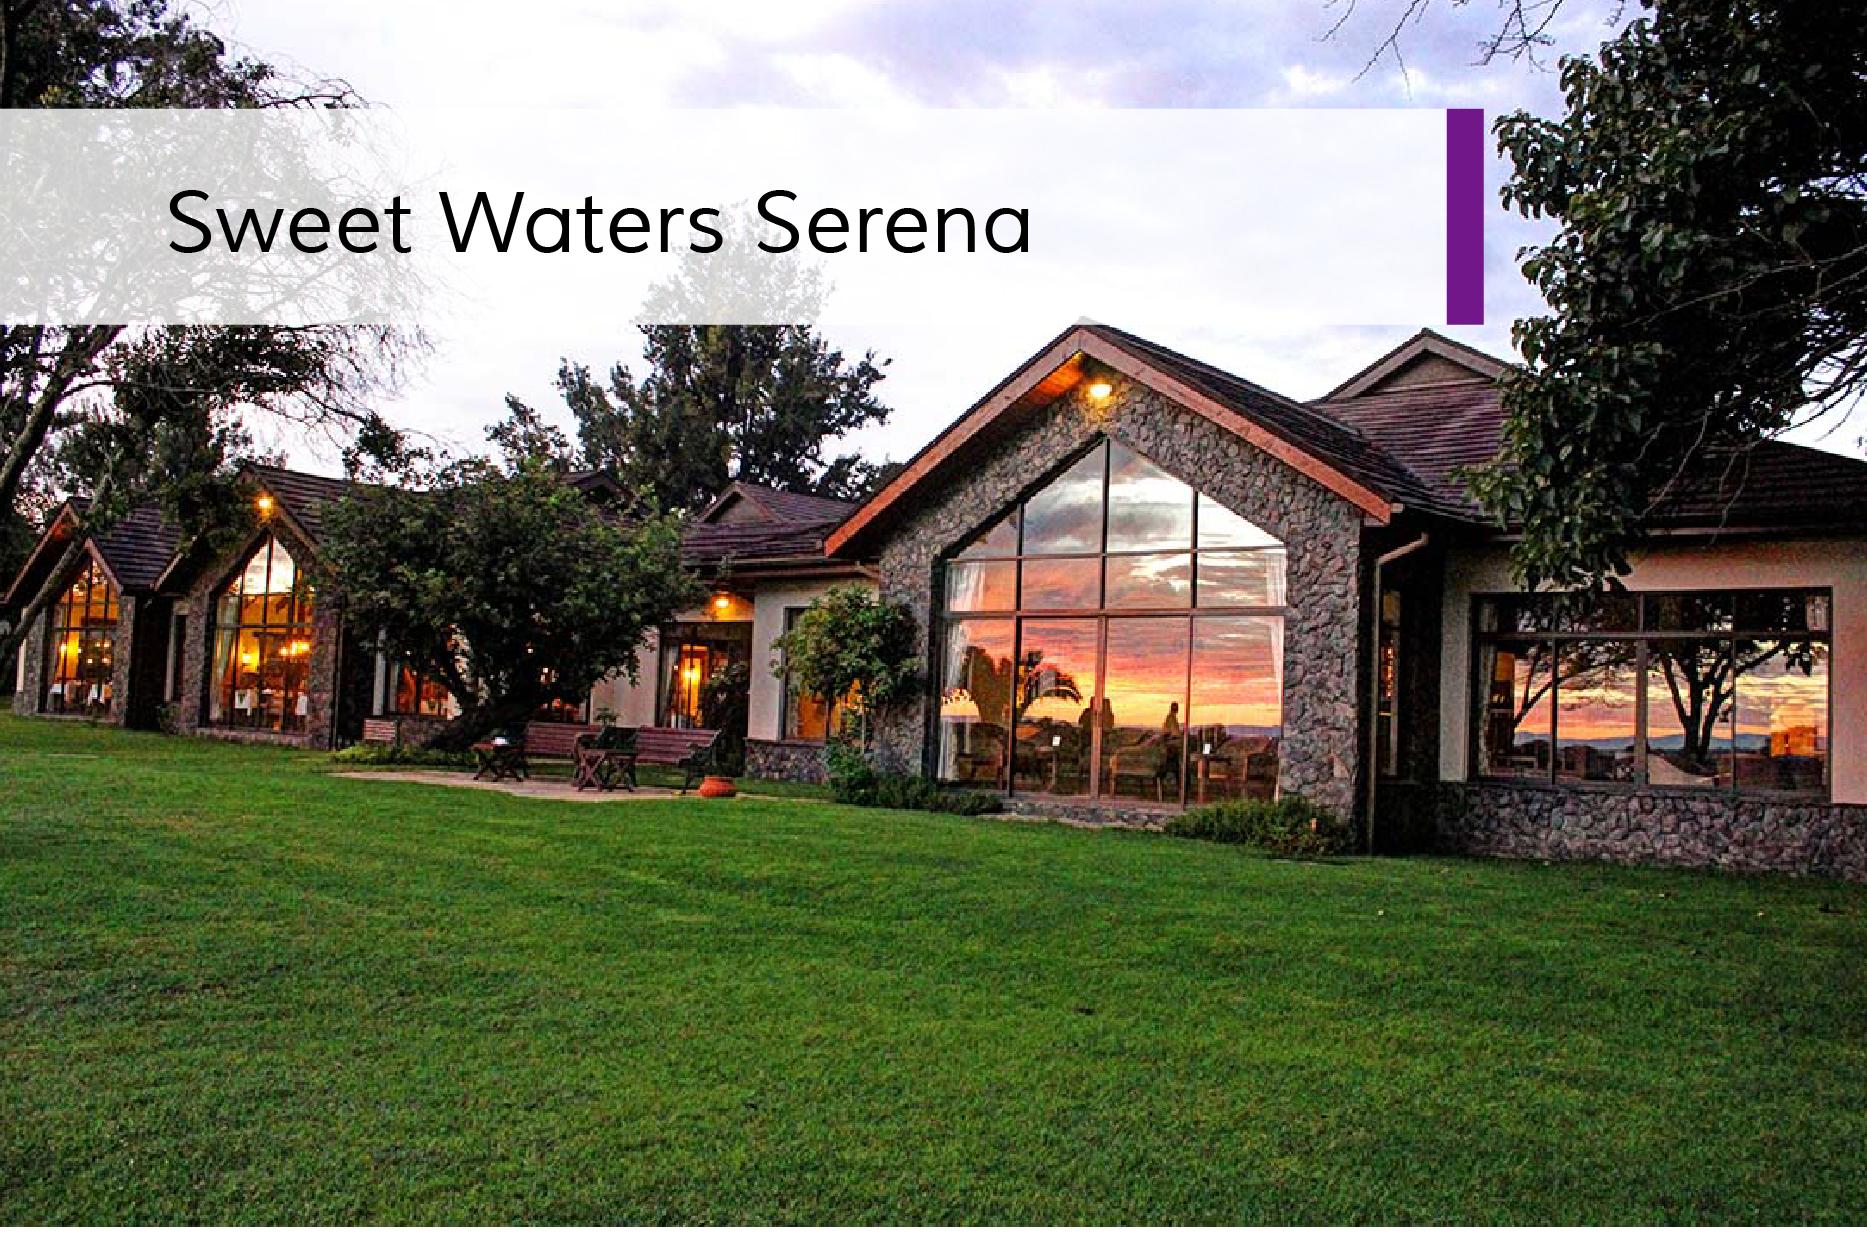 Sweet Waters Serena